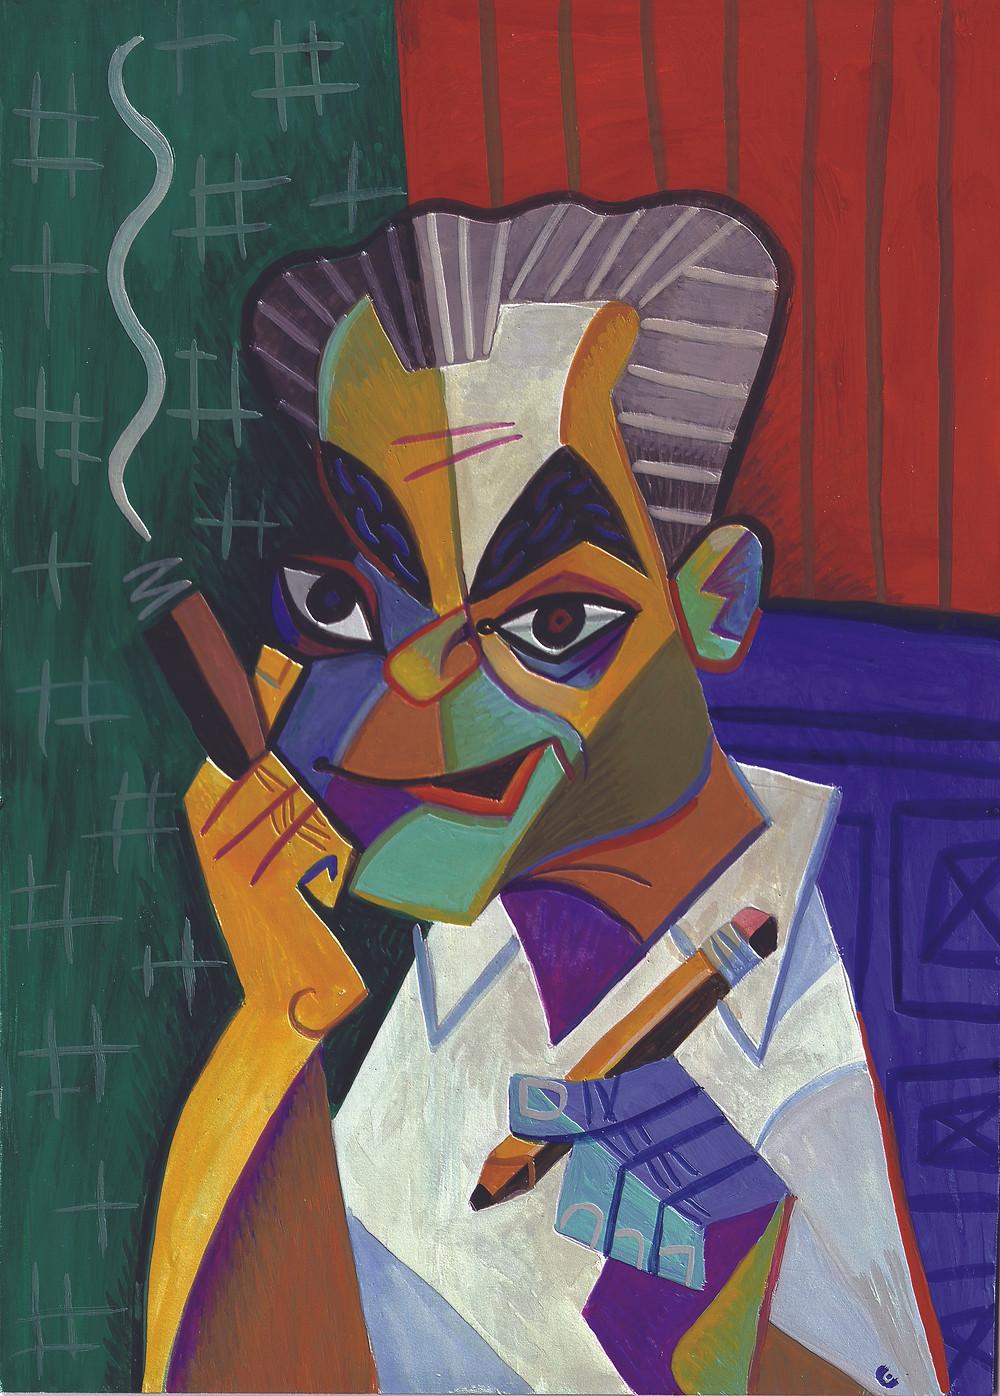 Jack Kirby portrait by David Cowles